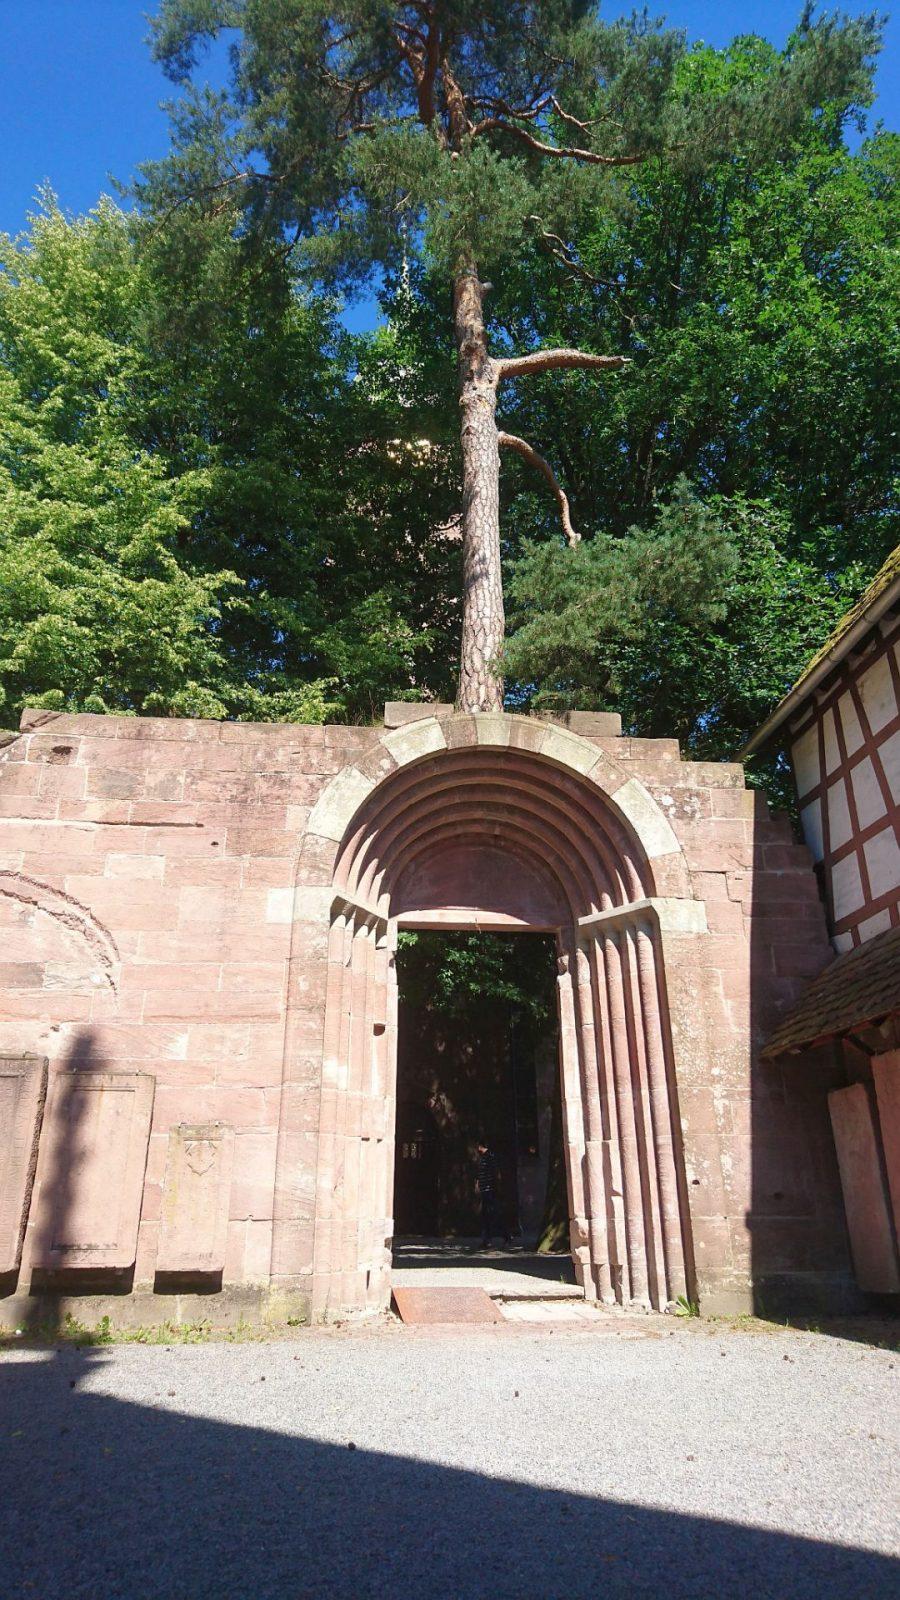 Eine ausgewachsene Kiefer direkt auf dem Portal der Paradies-Ruine in Bad Herrenalb